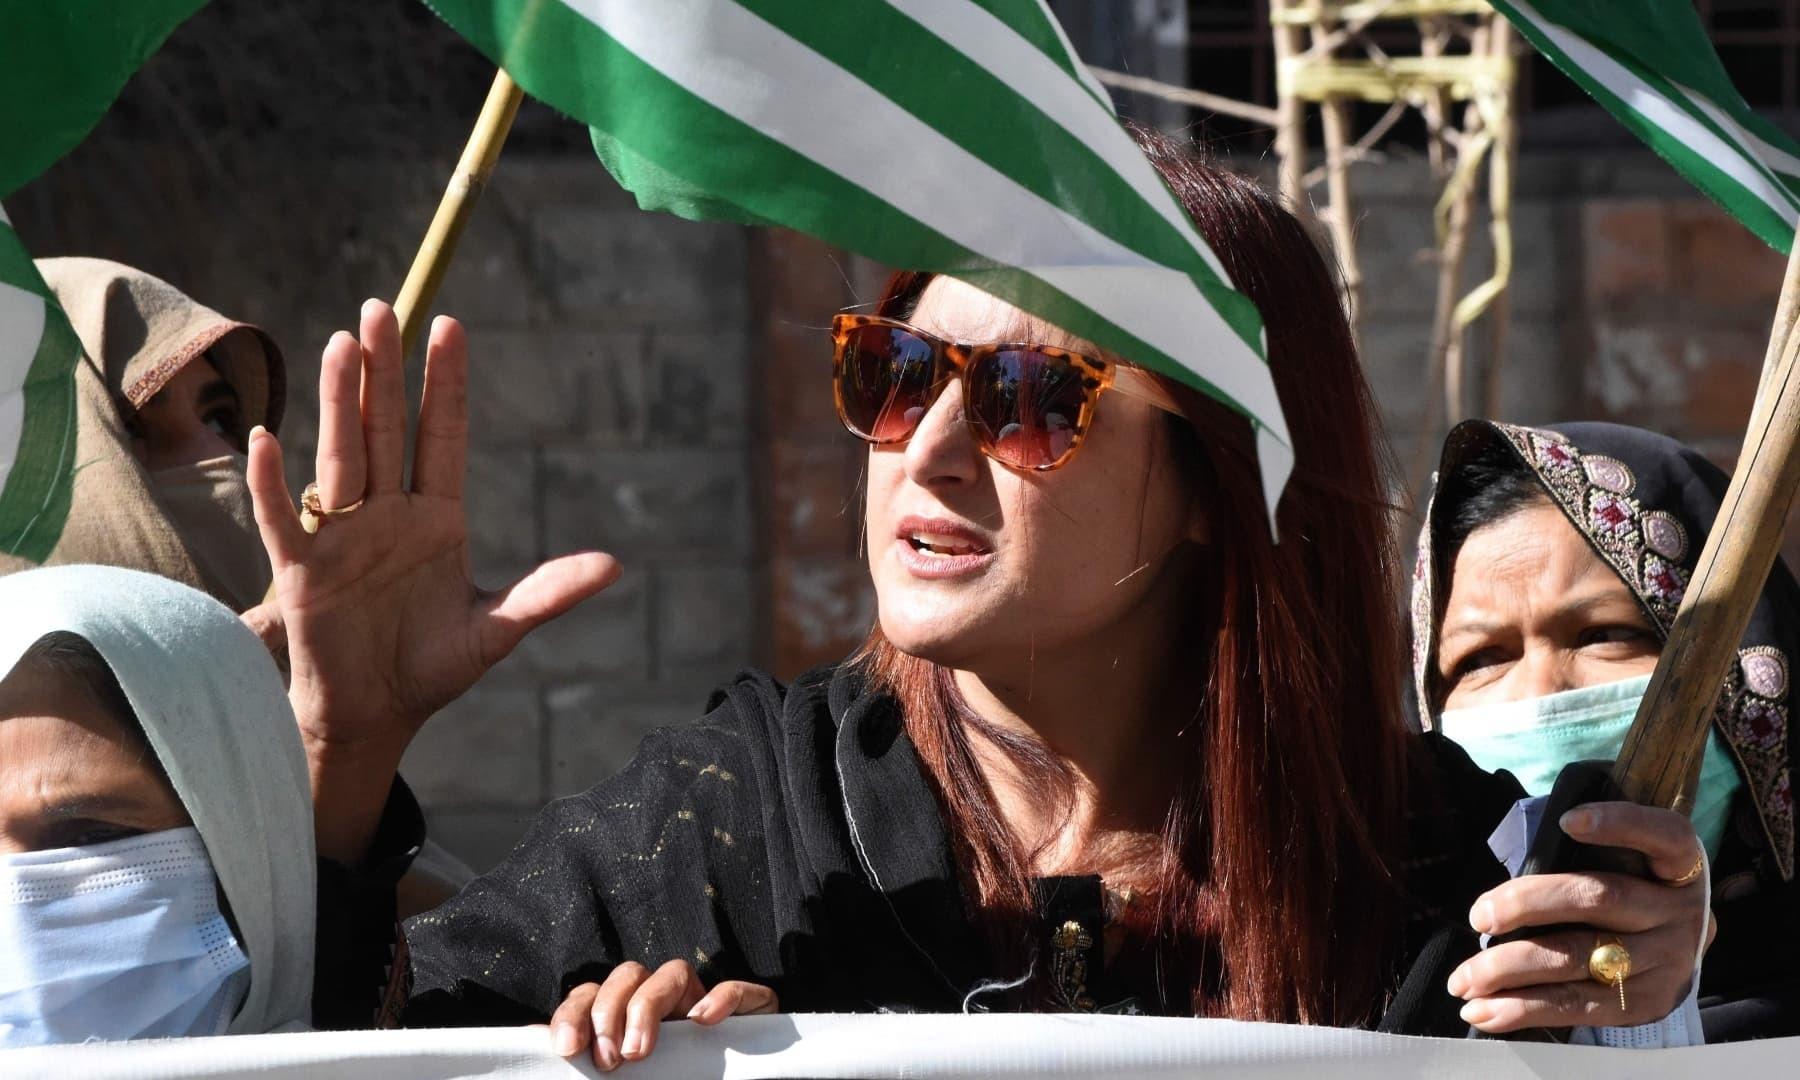 کوئٹہ میں نکالی گئی ریلی میں خواتین کی بڑی تعداد بھی شریک تھی—فوٹو: اے ایف پی